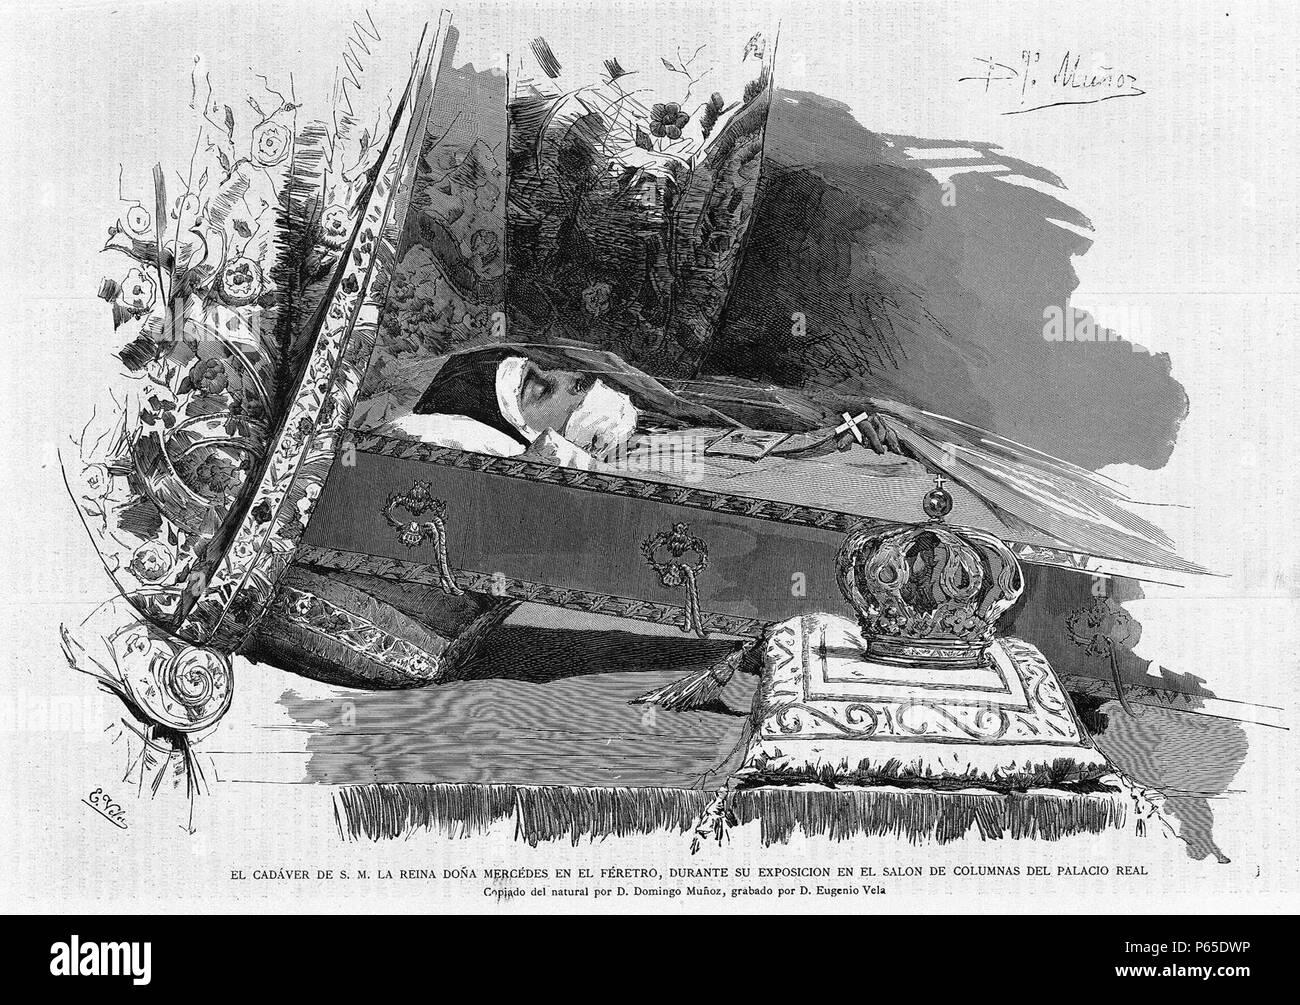 1878-07-15, La Academia, Féretro de la reina Mercedes, Muñoz, Vela. - Stock Image